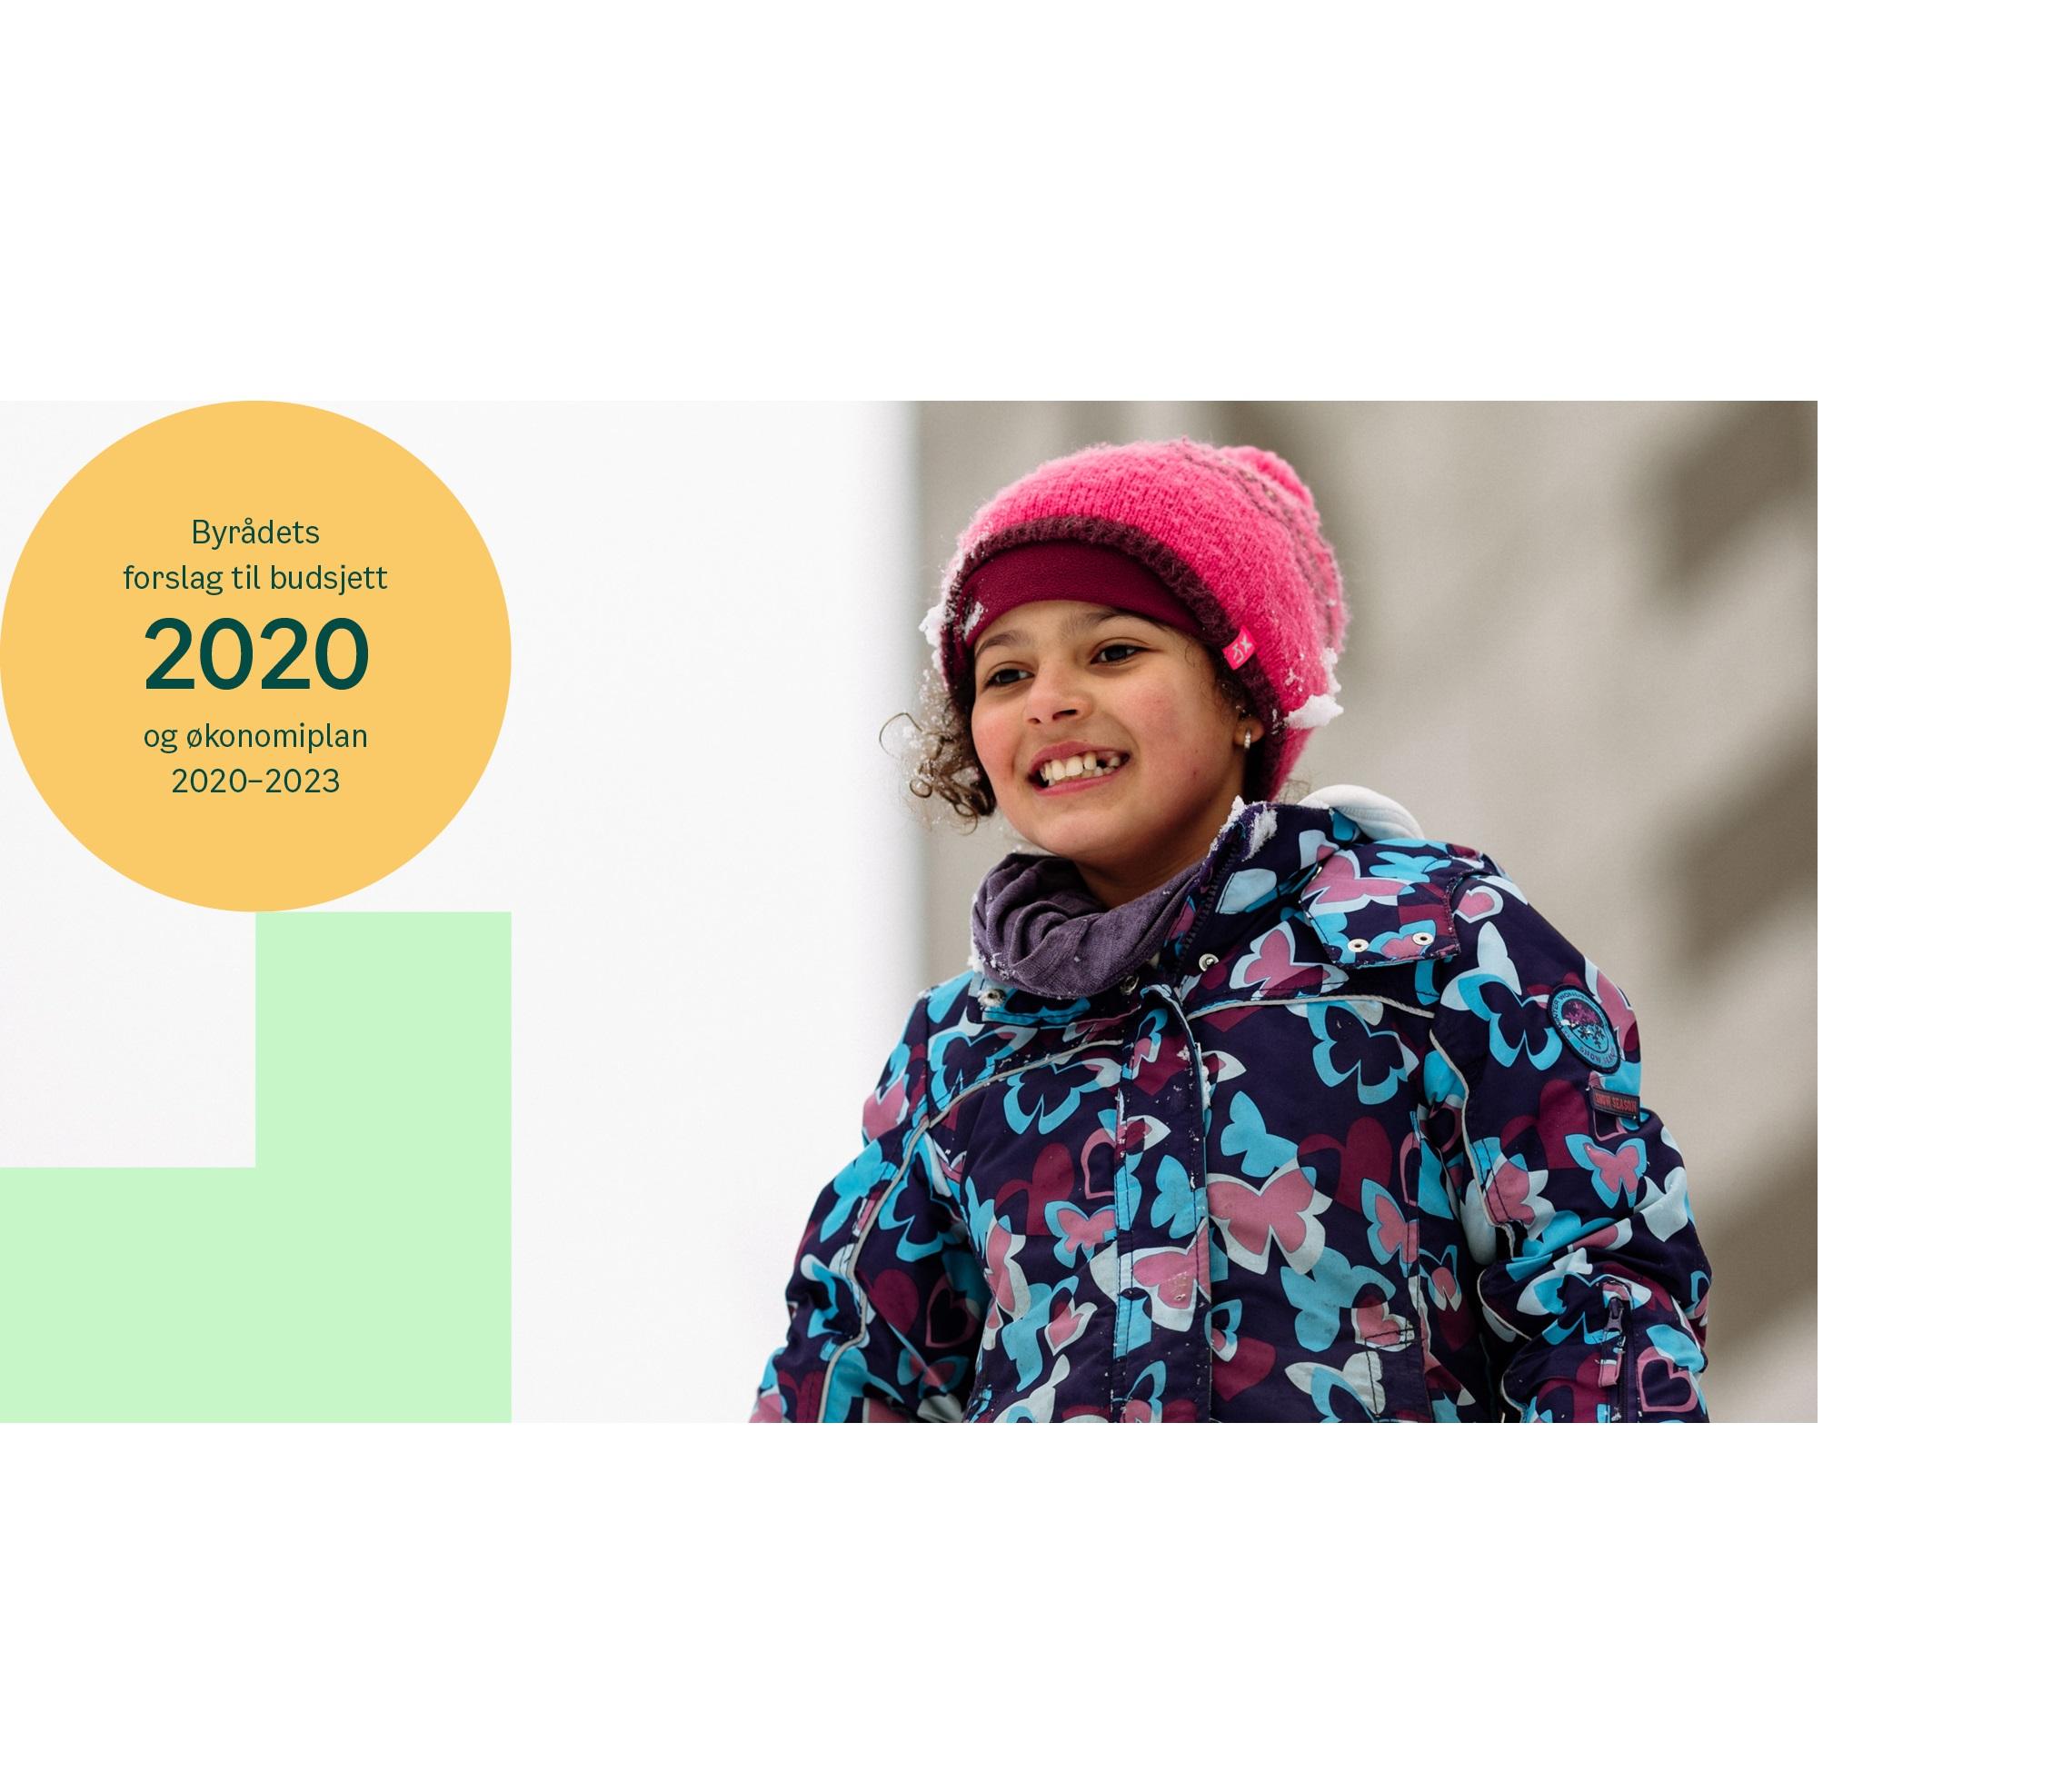 illustrasjonsbilde, byrådets forslag til budsjett og økonomiplan 2020